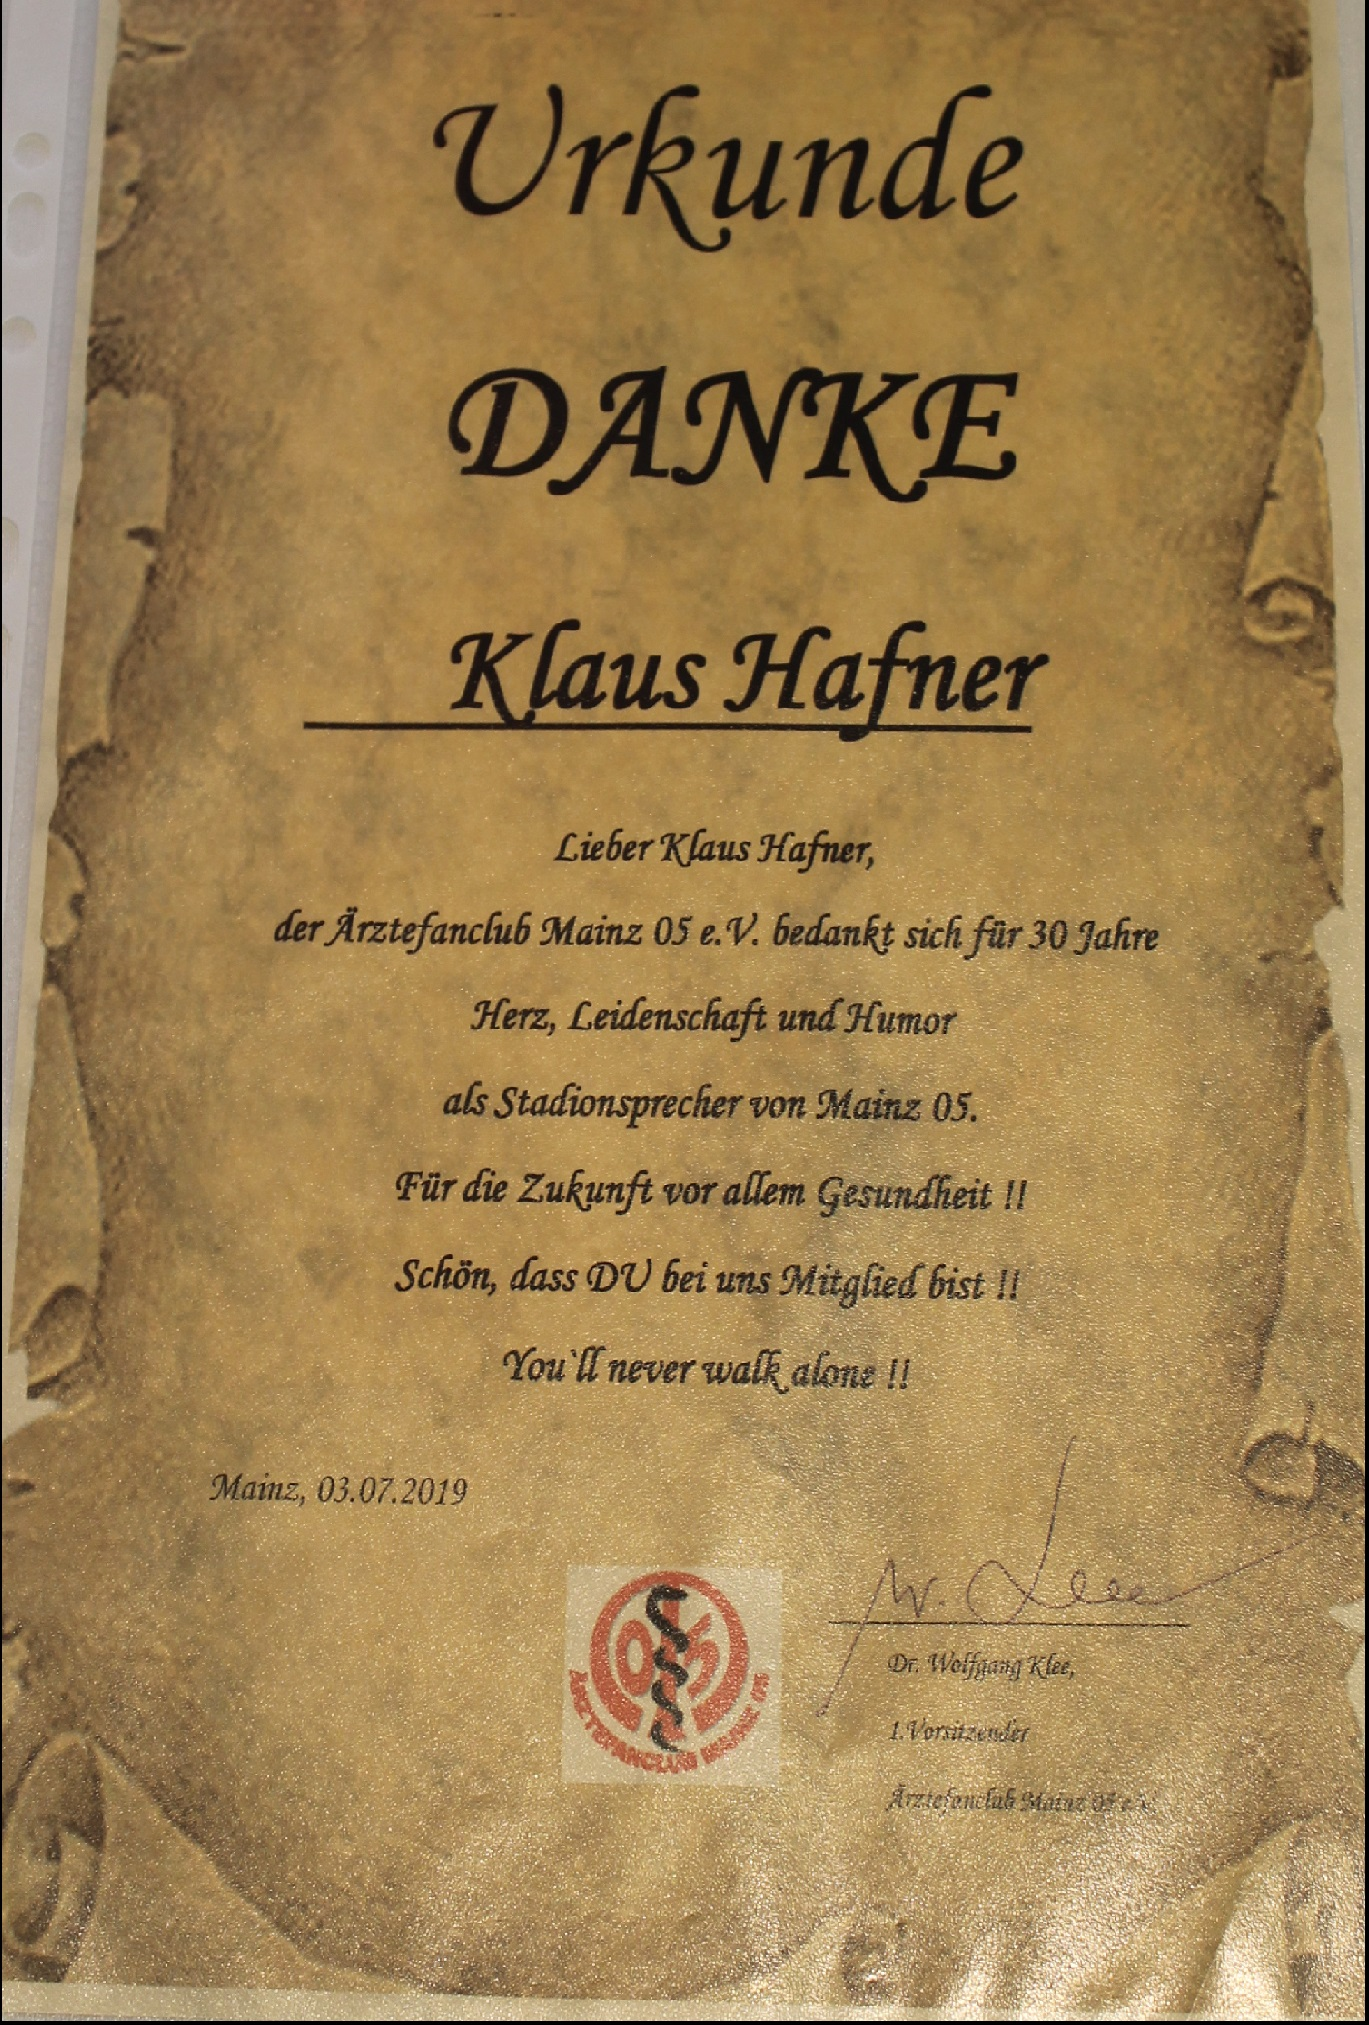 Der ÄFC bedankt sich mit einer Urkunde bei Klaus Hafner für 30 Jahre Stadionsprecher und dass er im ÄFC bereits jahrelang Mitglied ist.